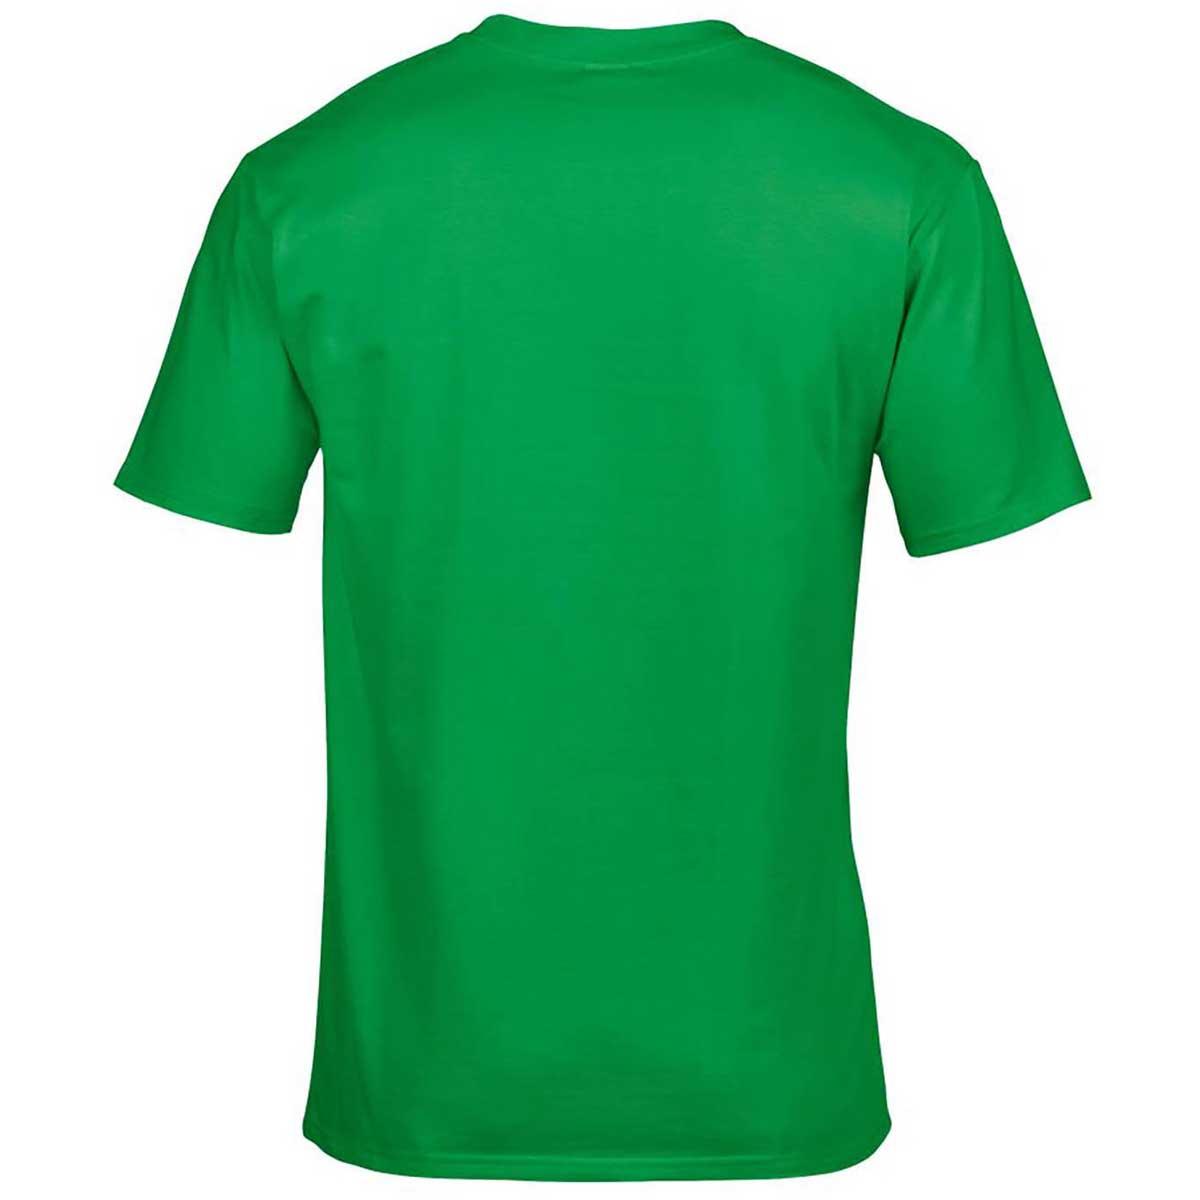 05_gd008_vert--0-0--2e90d826-268d-48a2-95b7-554313679fbe